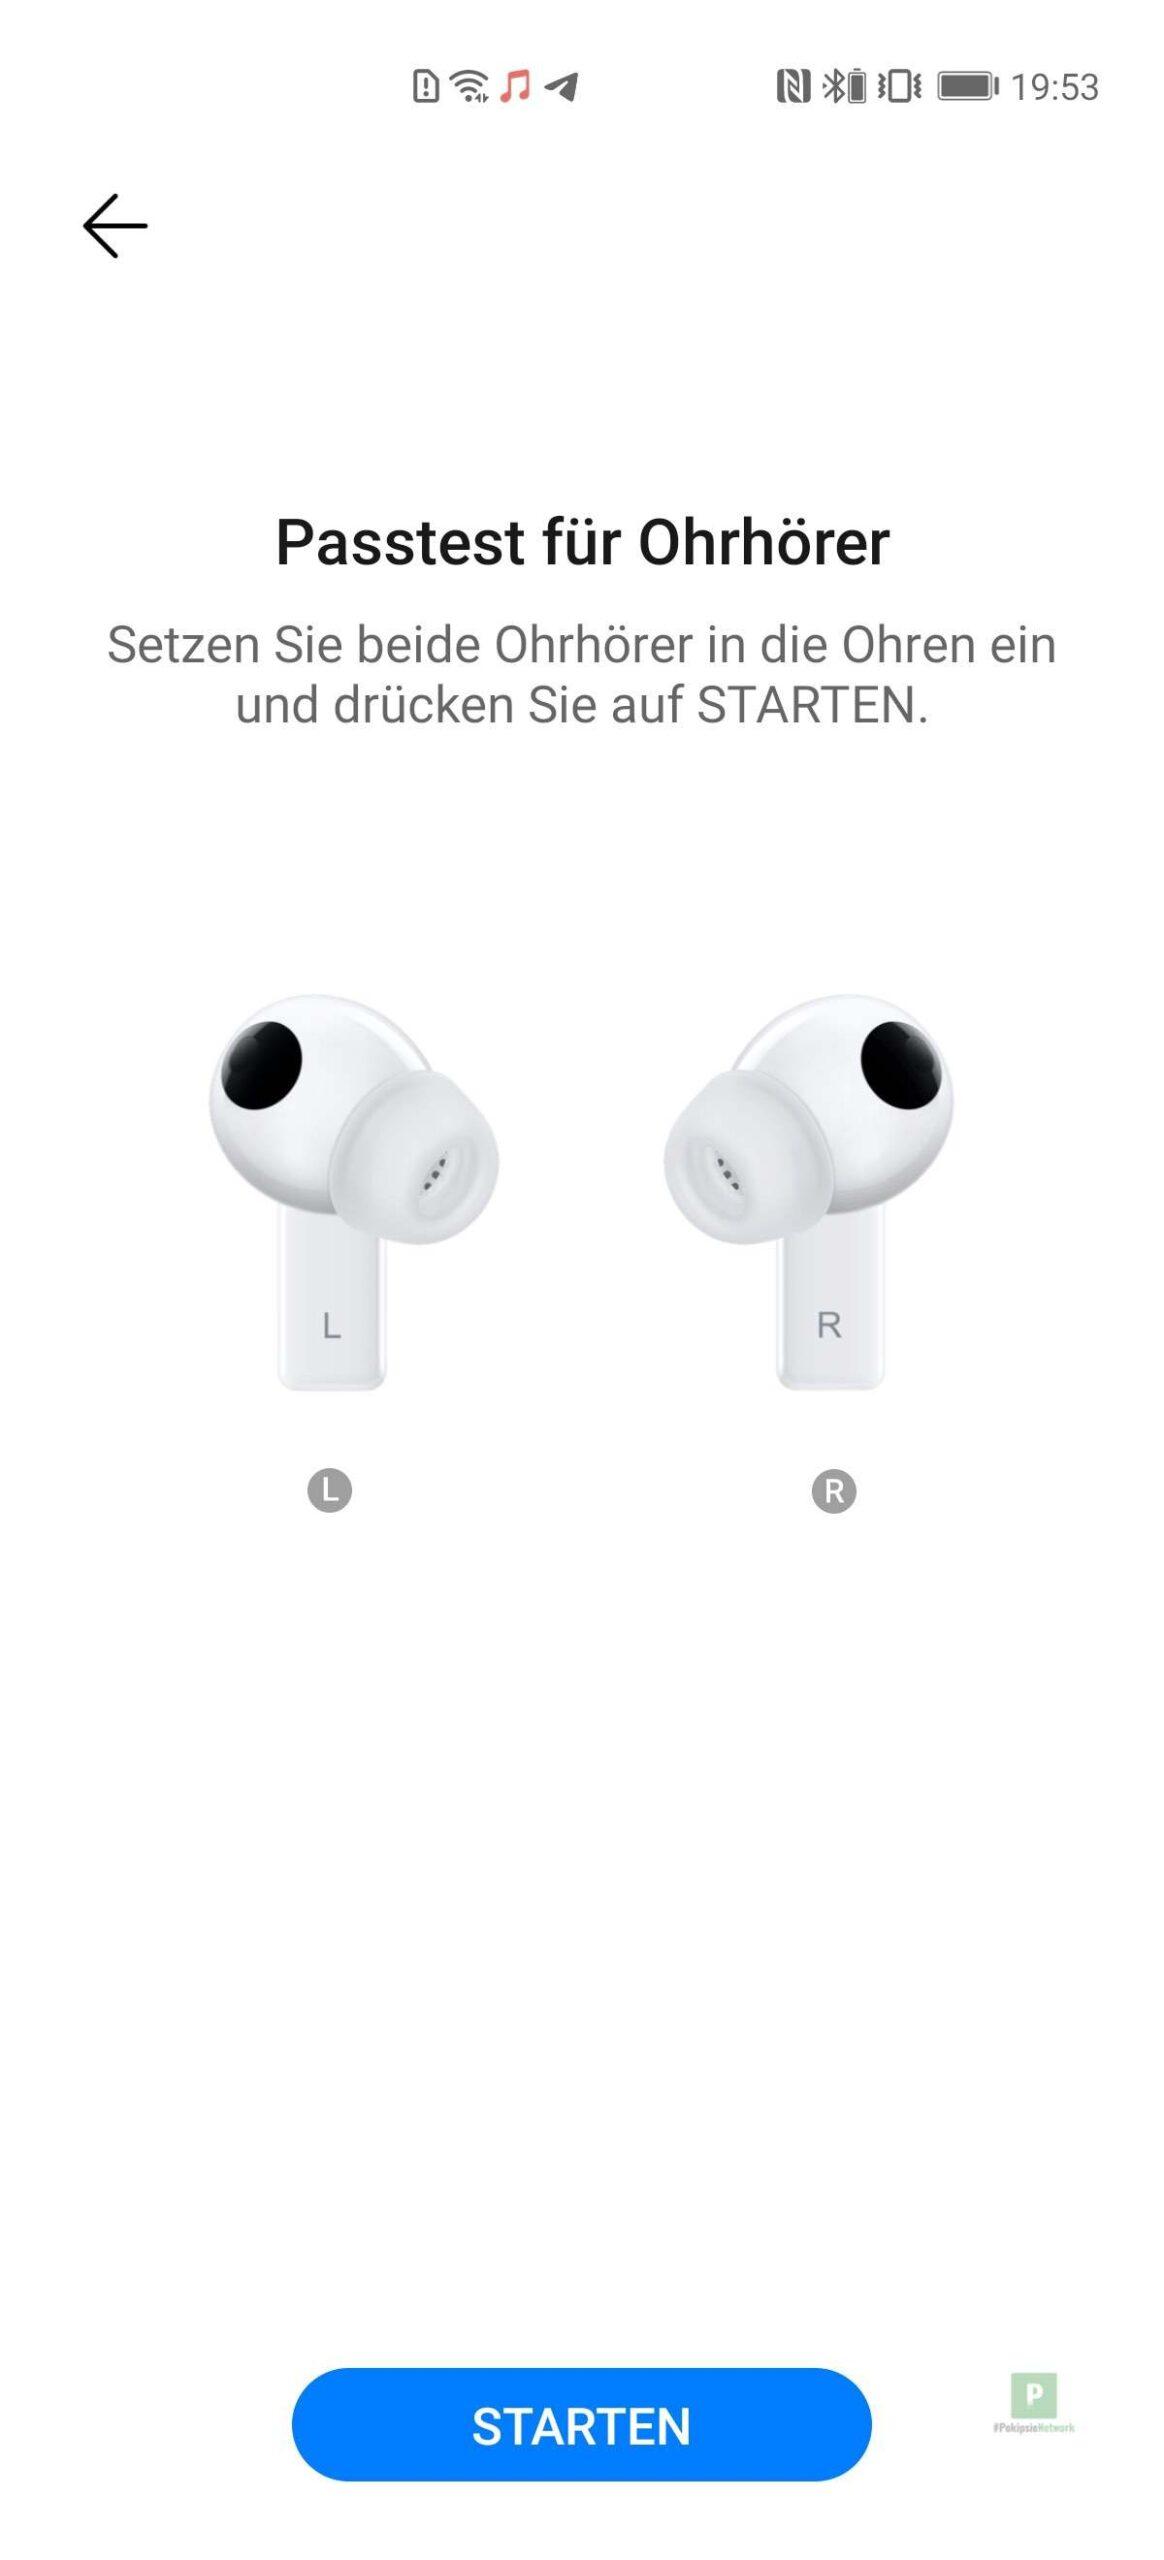 Passtest für Ohrhörer wird durchgeführt